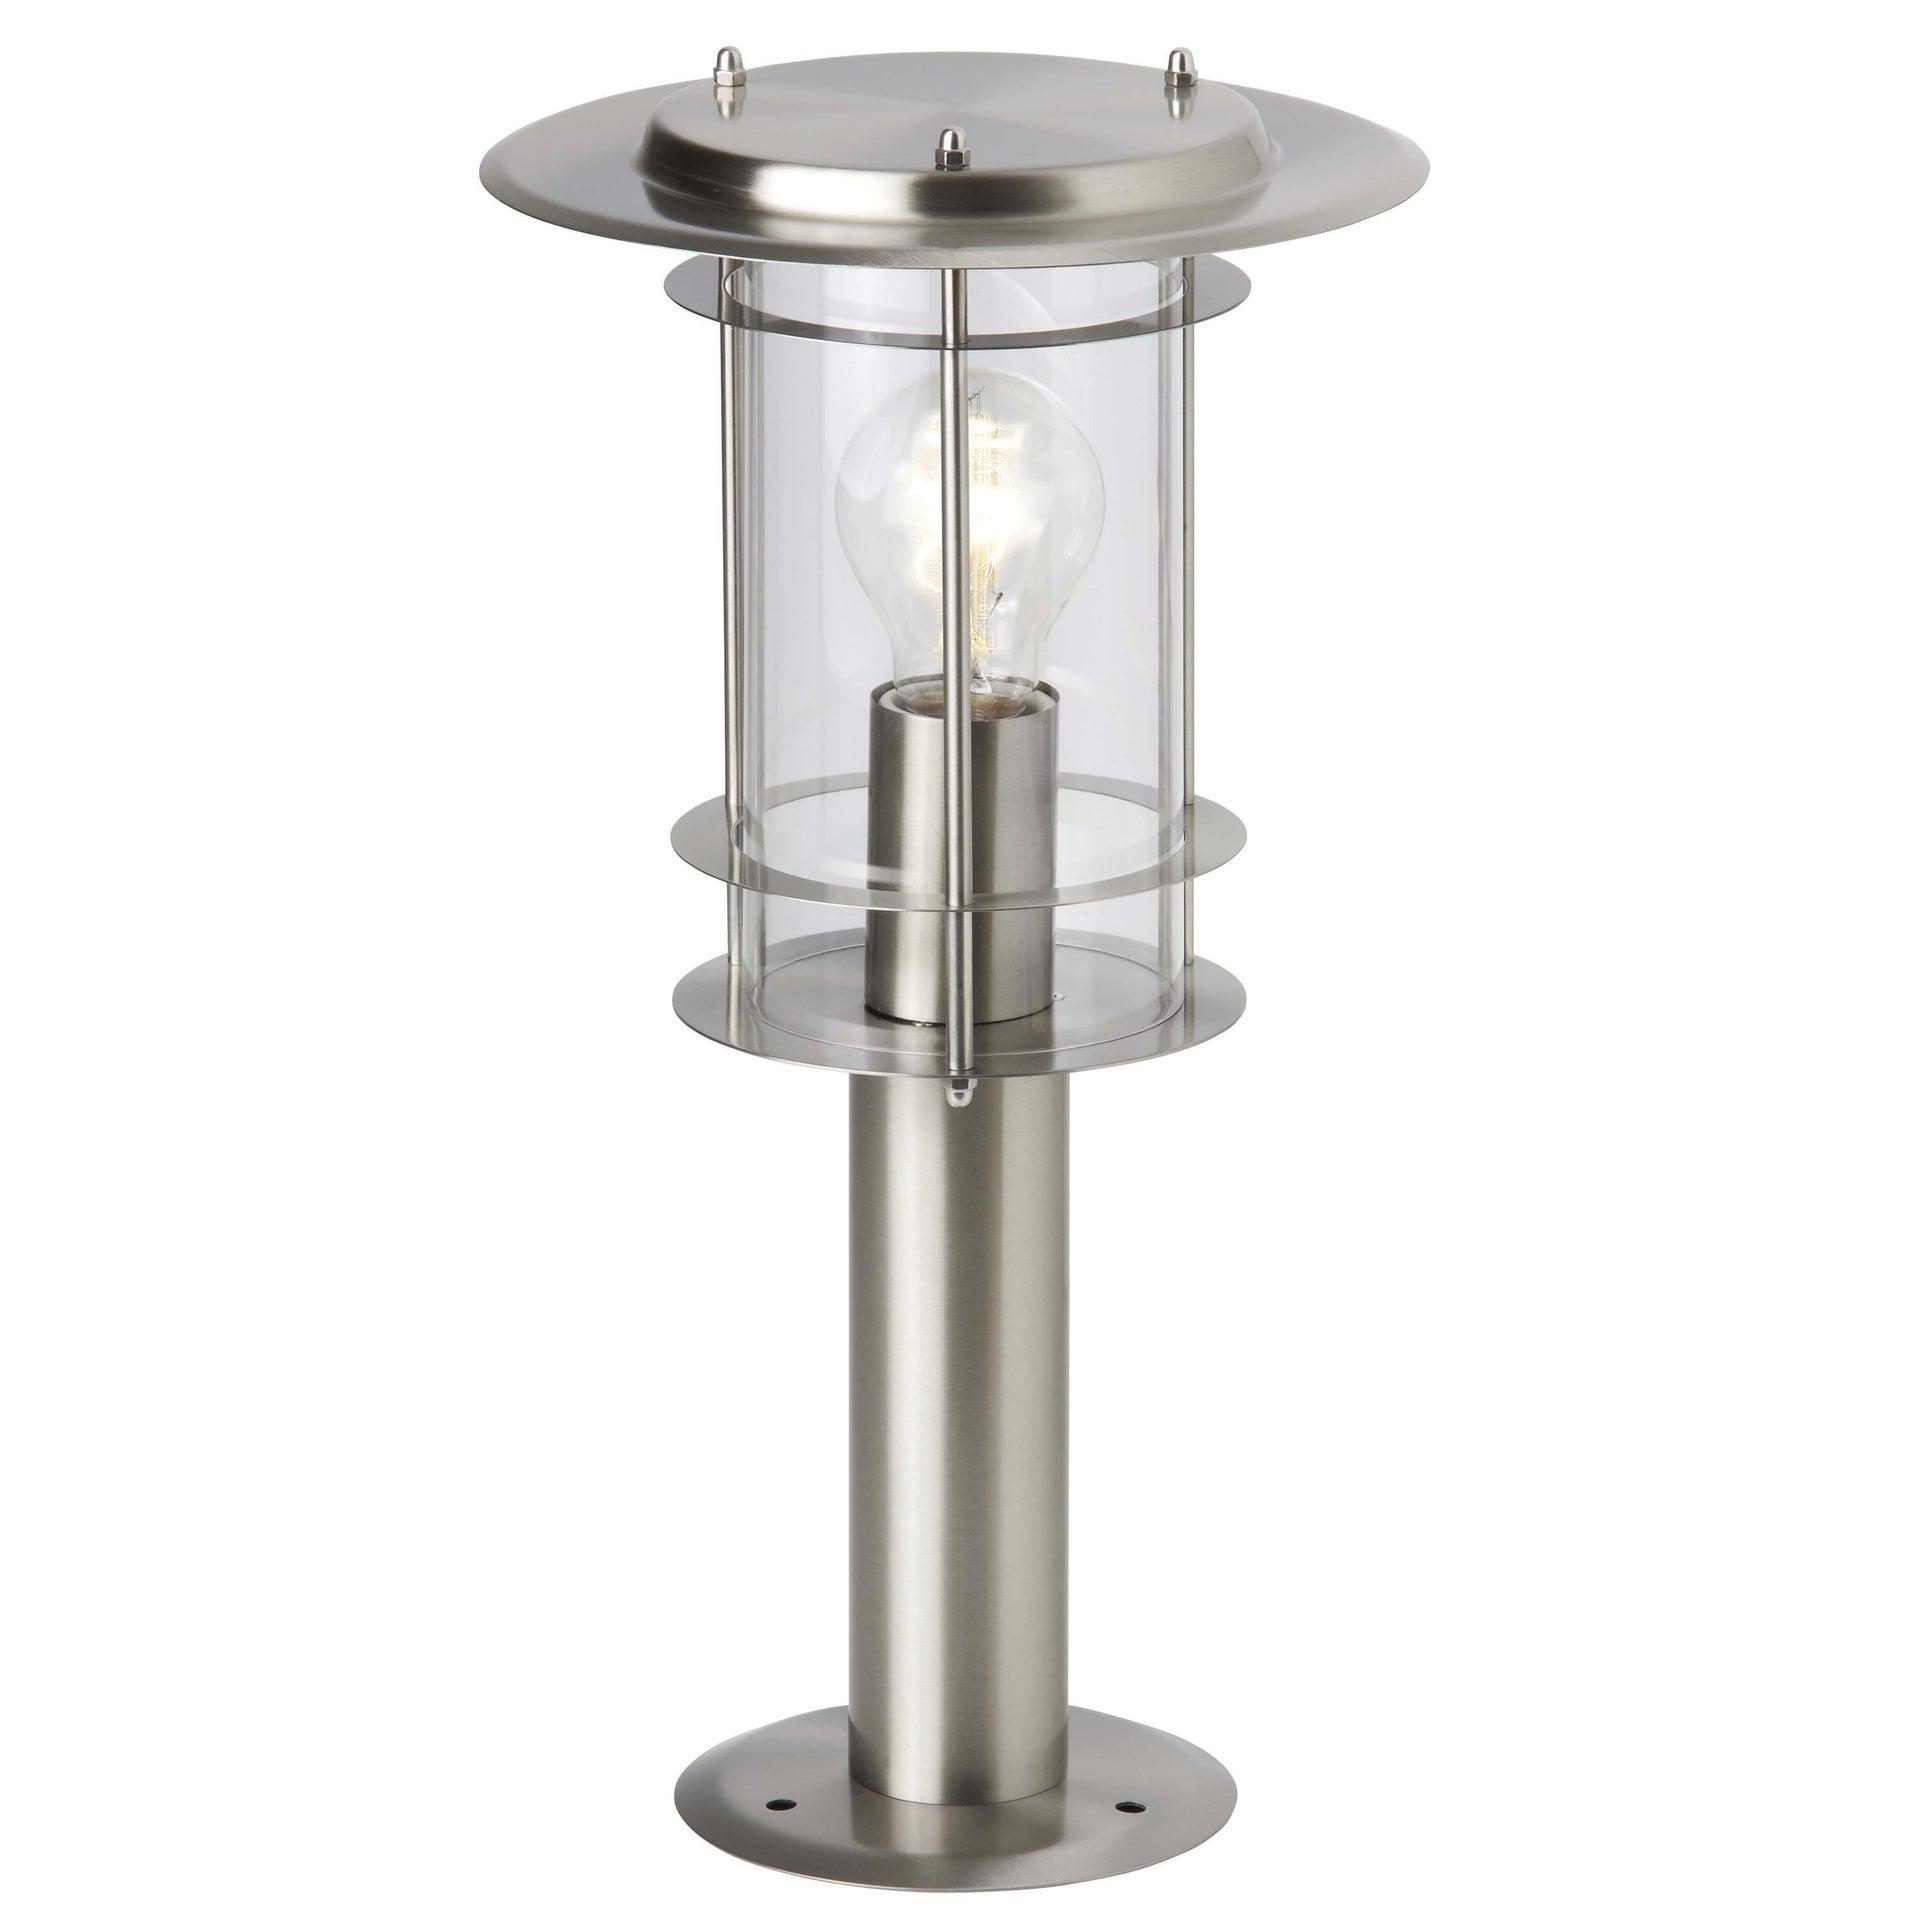 Lampioncino York H40 cm in alluminio, acciaio, E27 1x MAX 40W IP44 BRILLIANT - 2